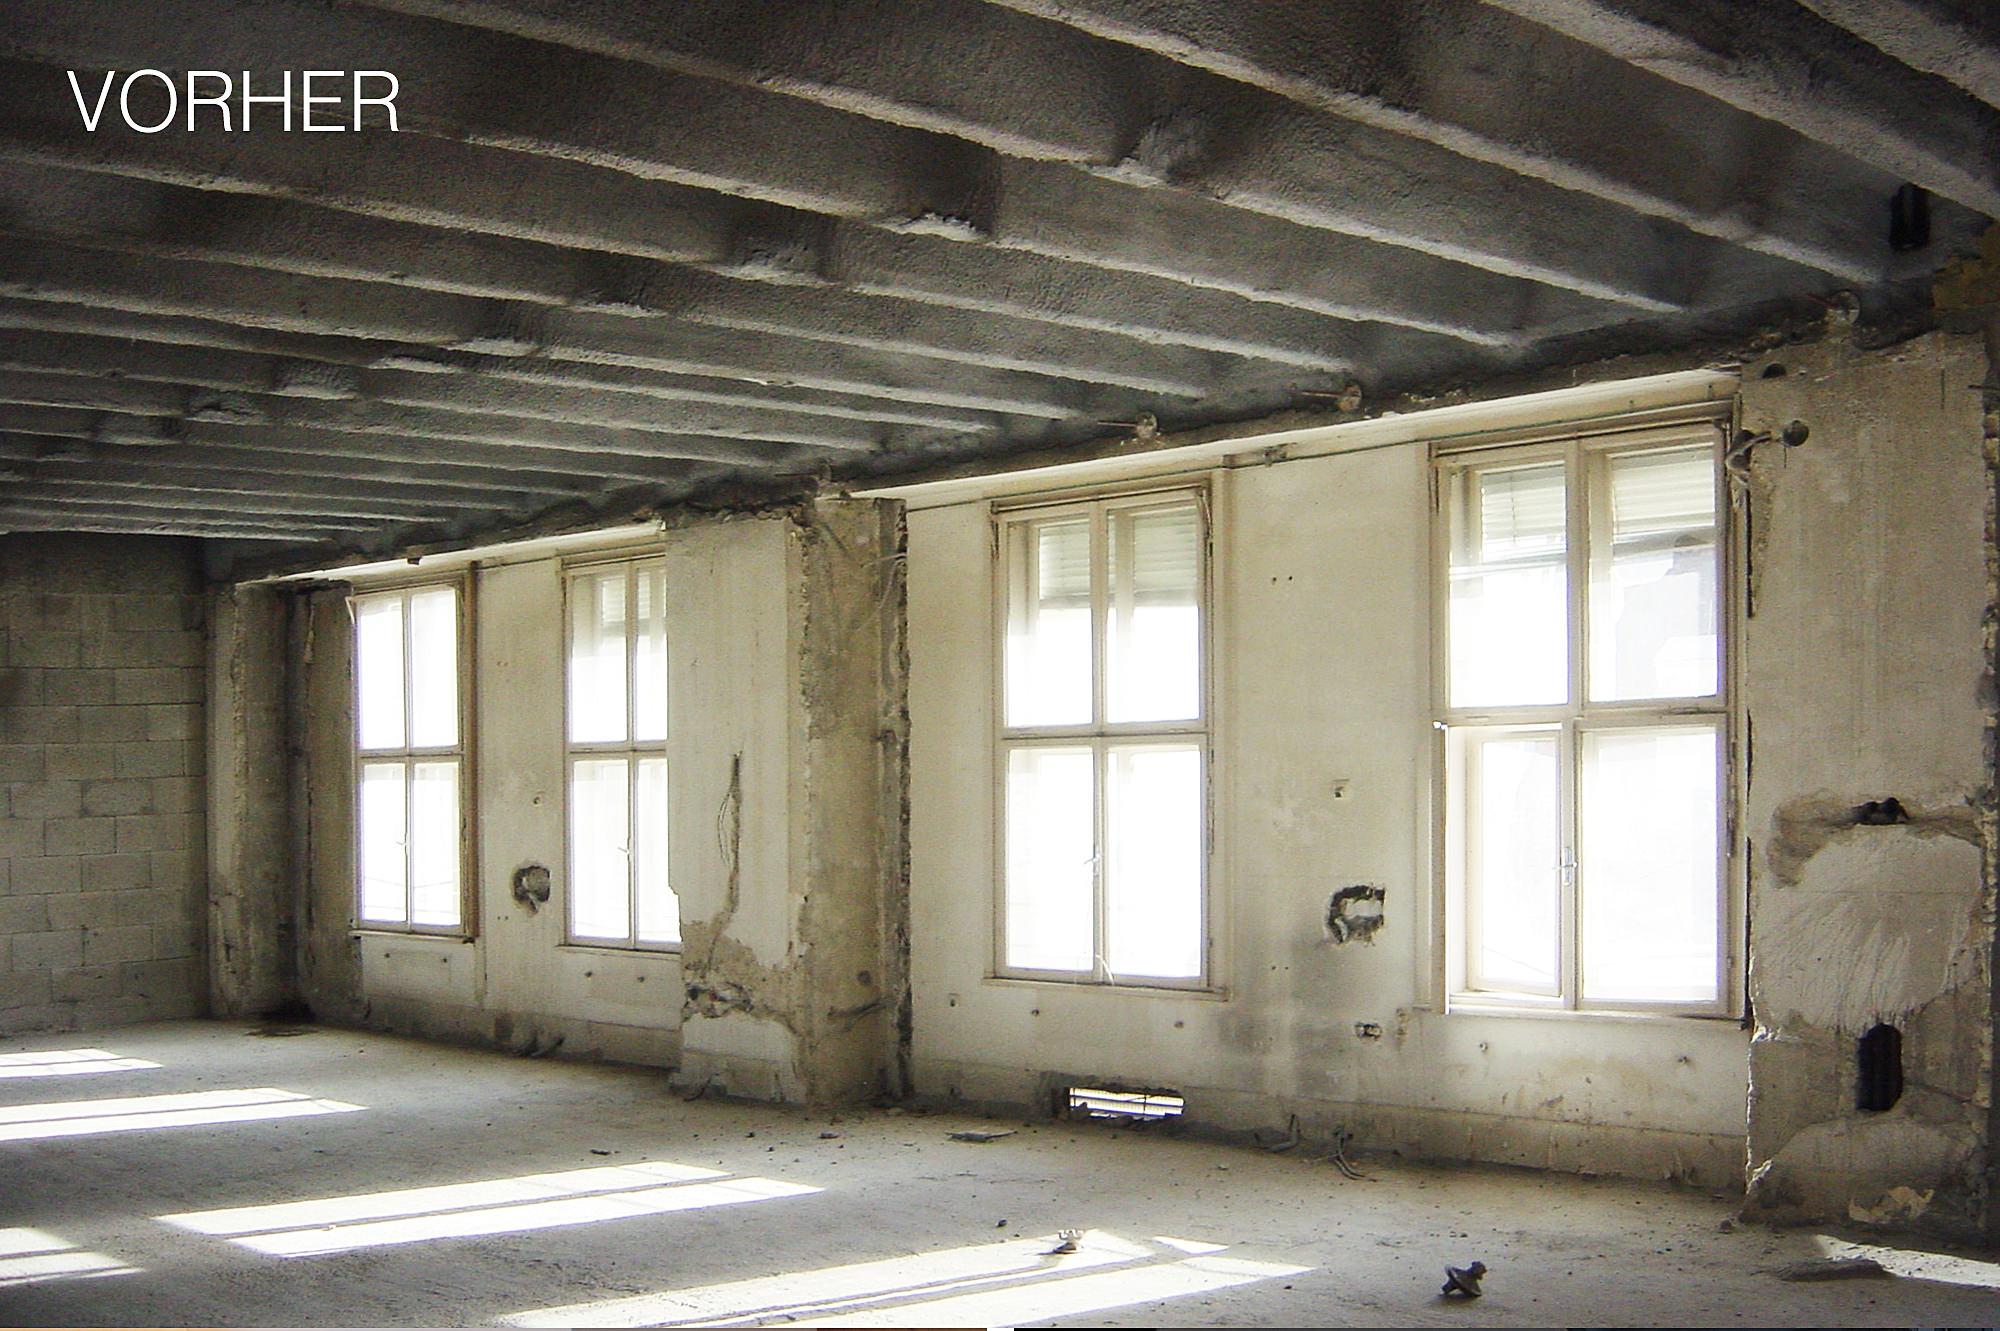 penthouse_wien_1_10_umbau_und_dachausbau_1010_wien_junger_beer_architektur